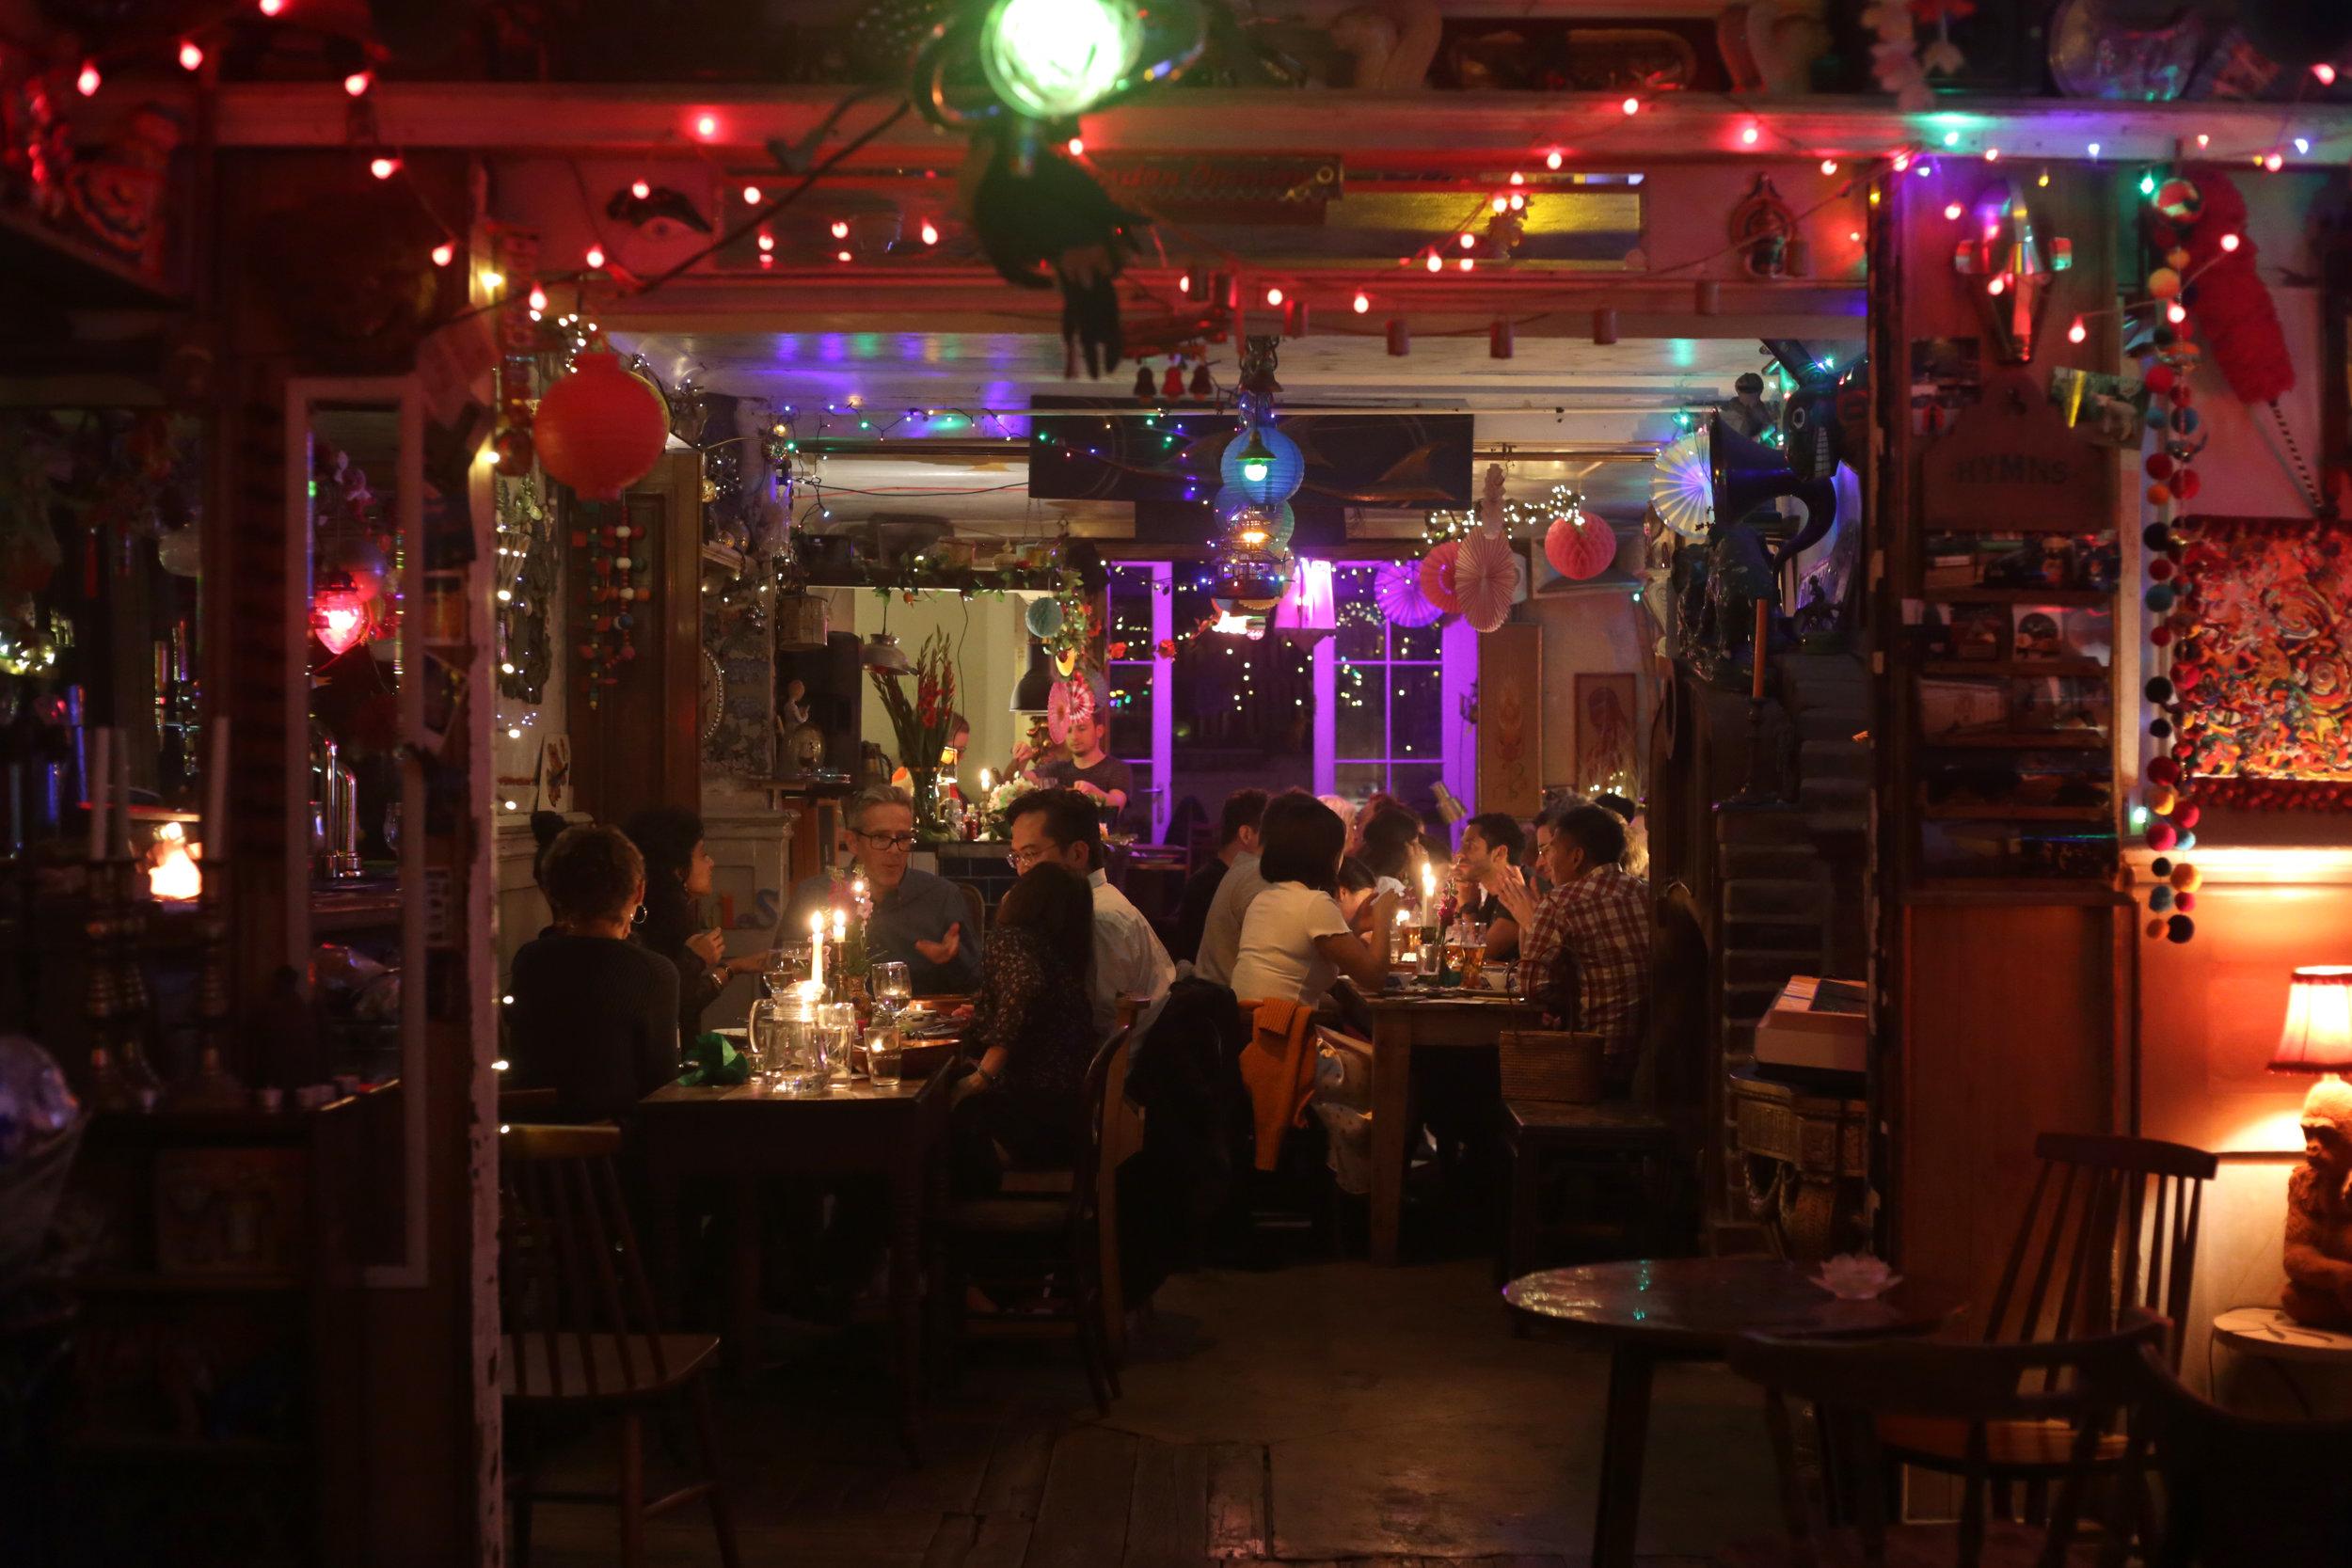 The Oxymoron pub in Lambeth